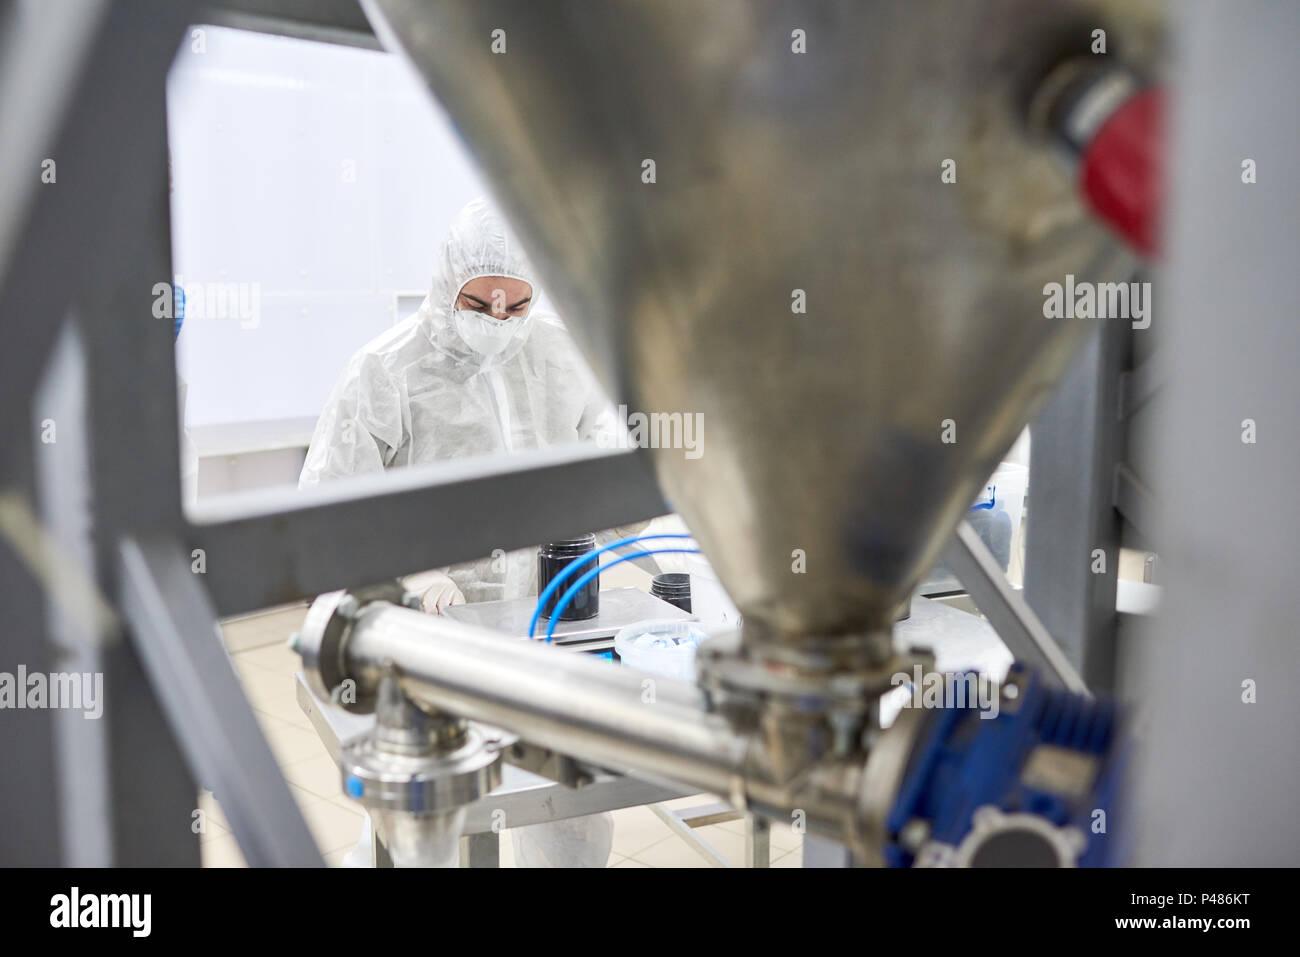 Factory worker derrière les équipements Photo Stock